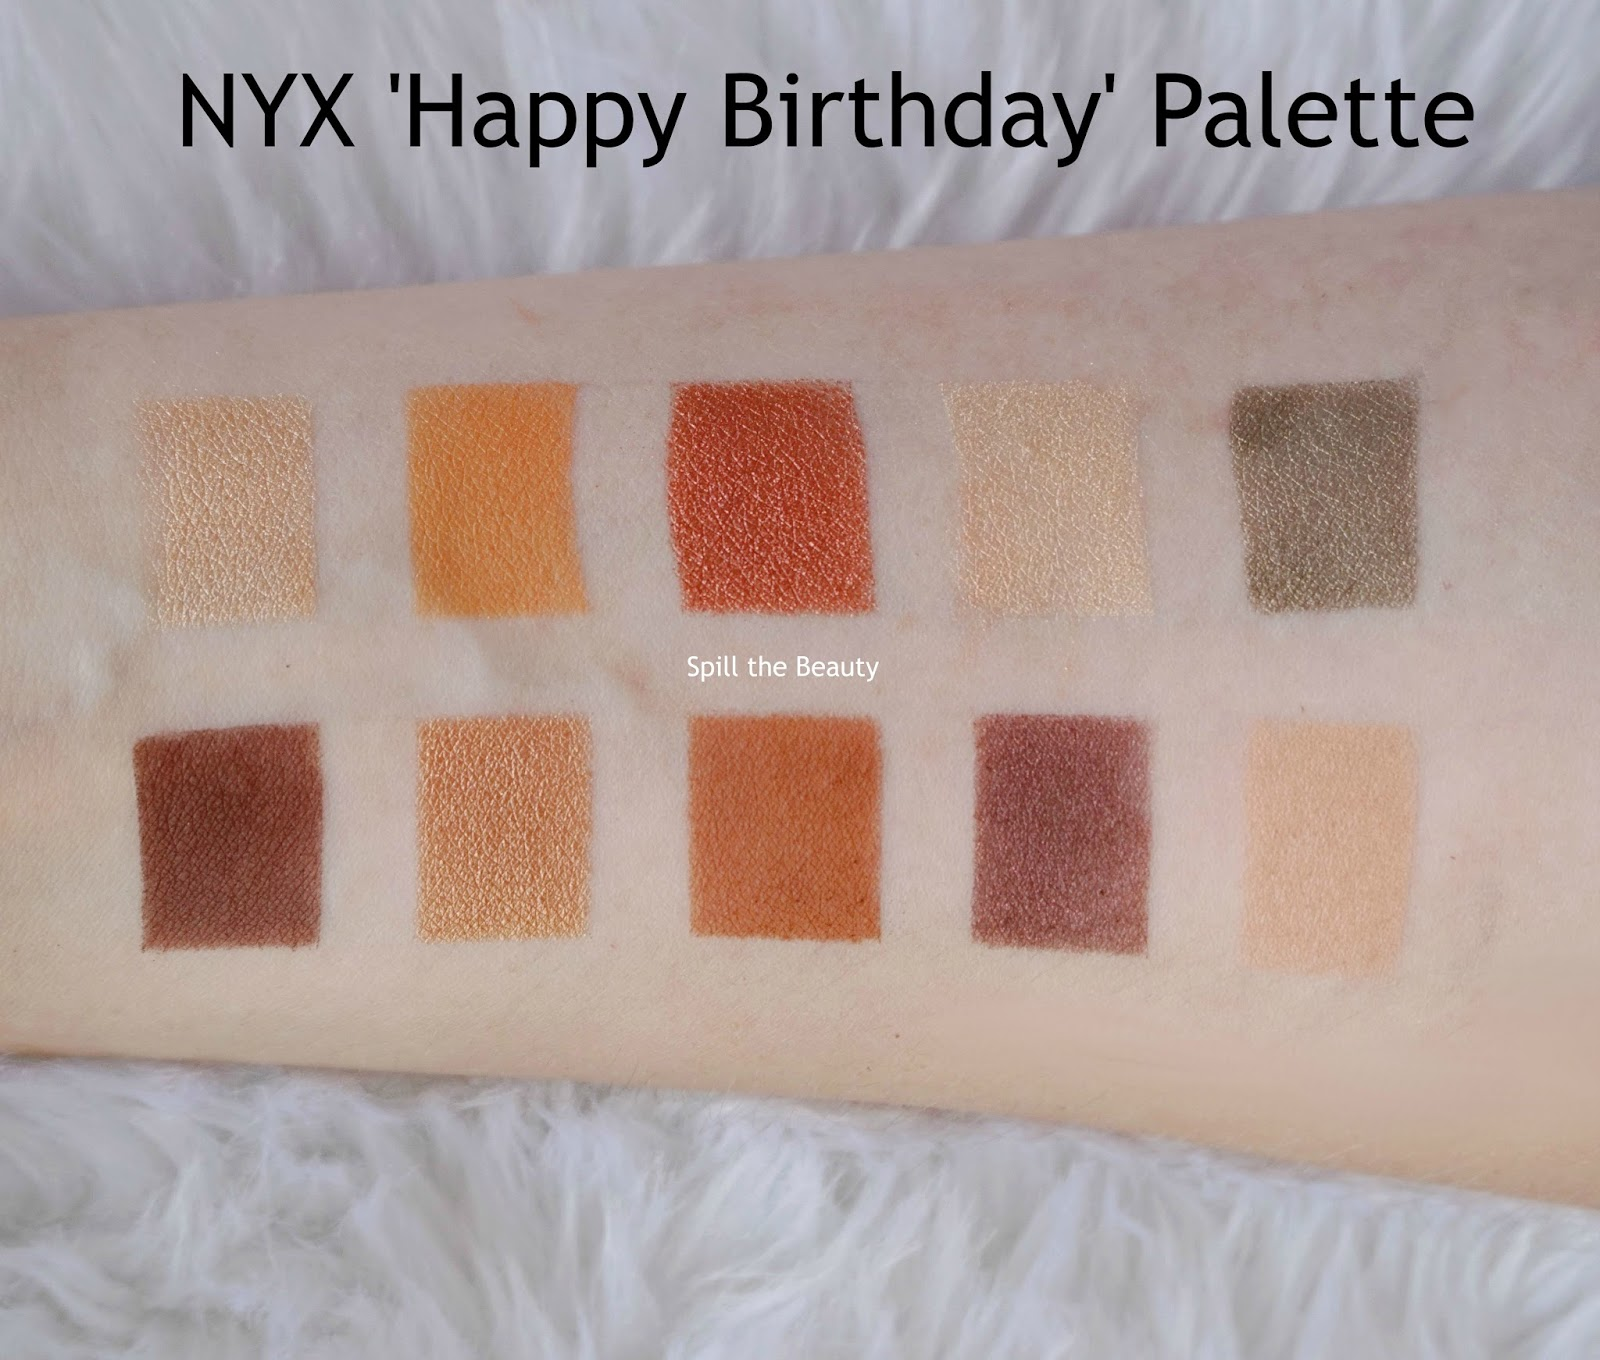 nyx happy birthday palette ulta birthday gift swatches review